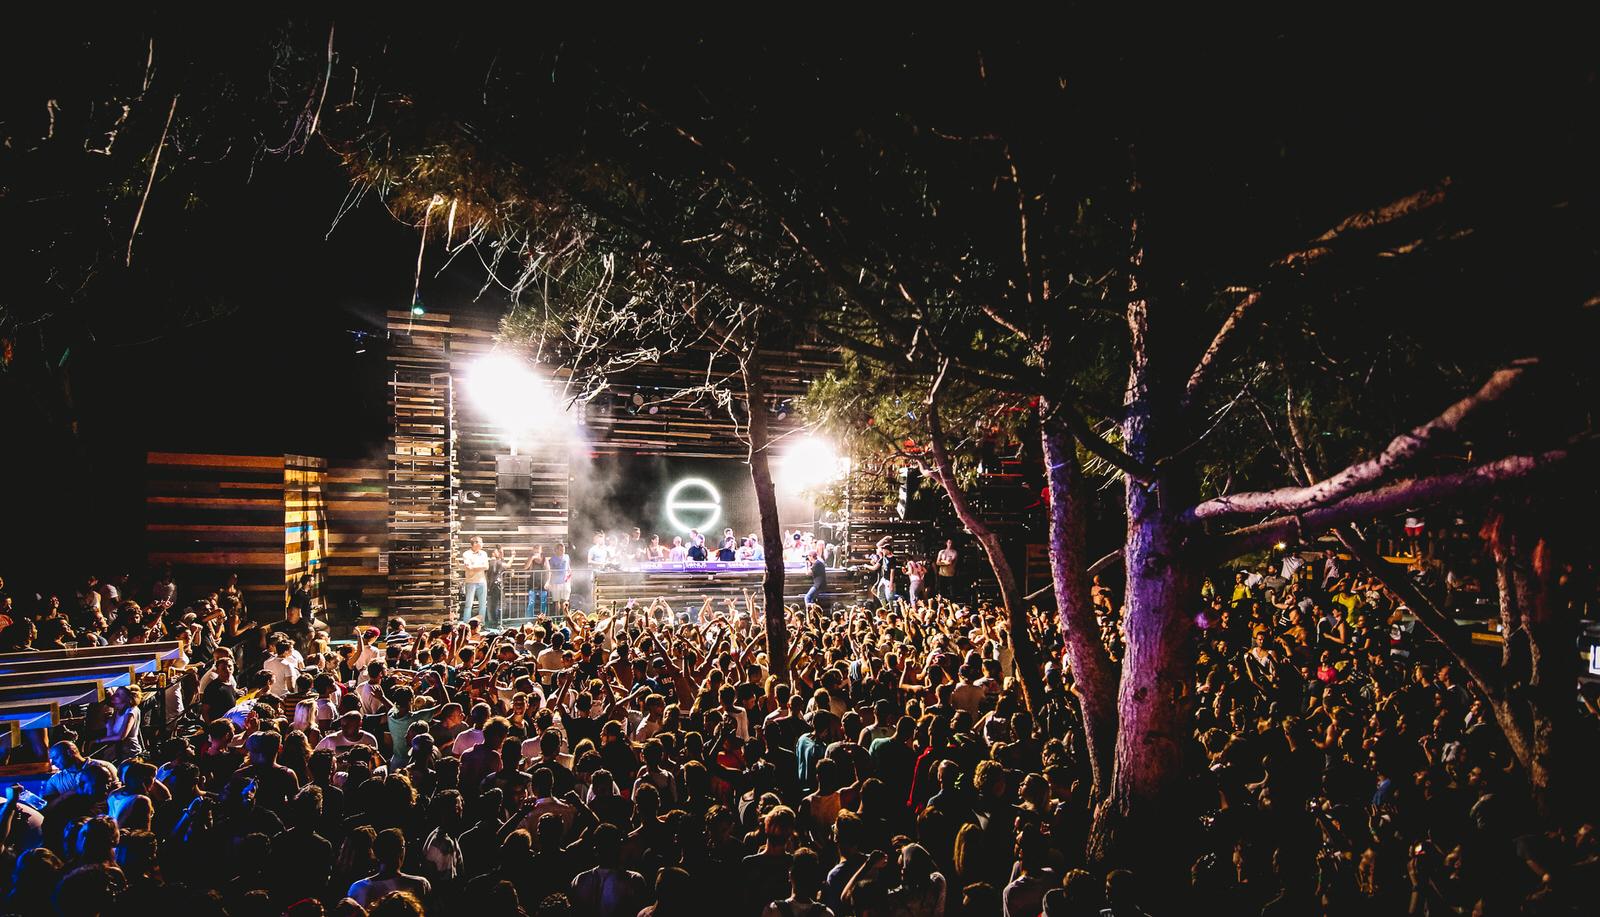 sonus-festival-2015-46.jpg